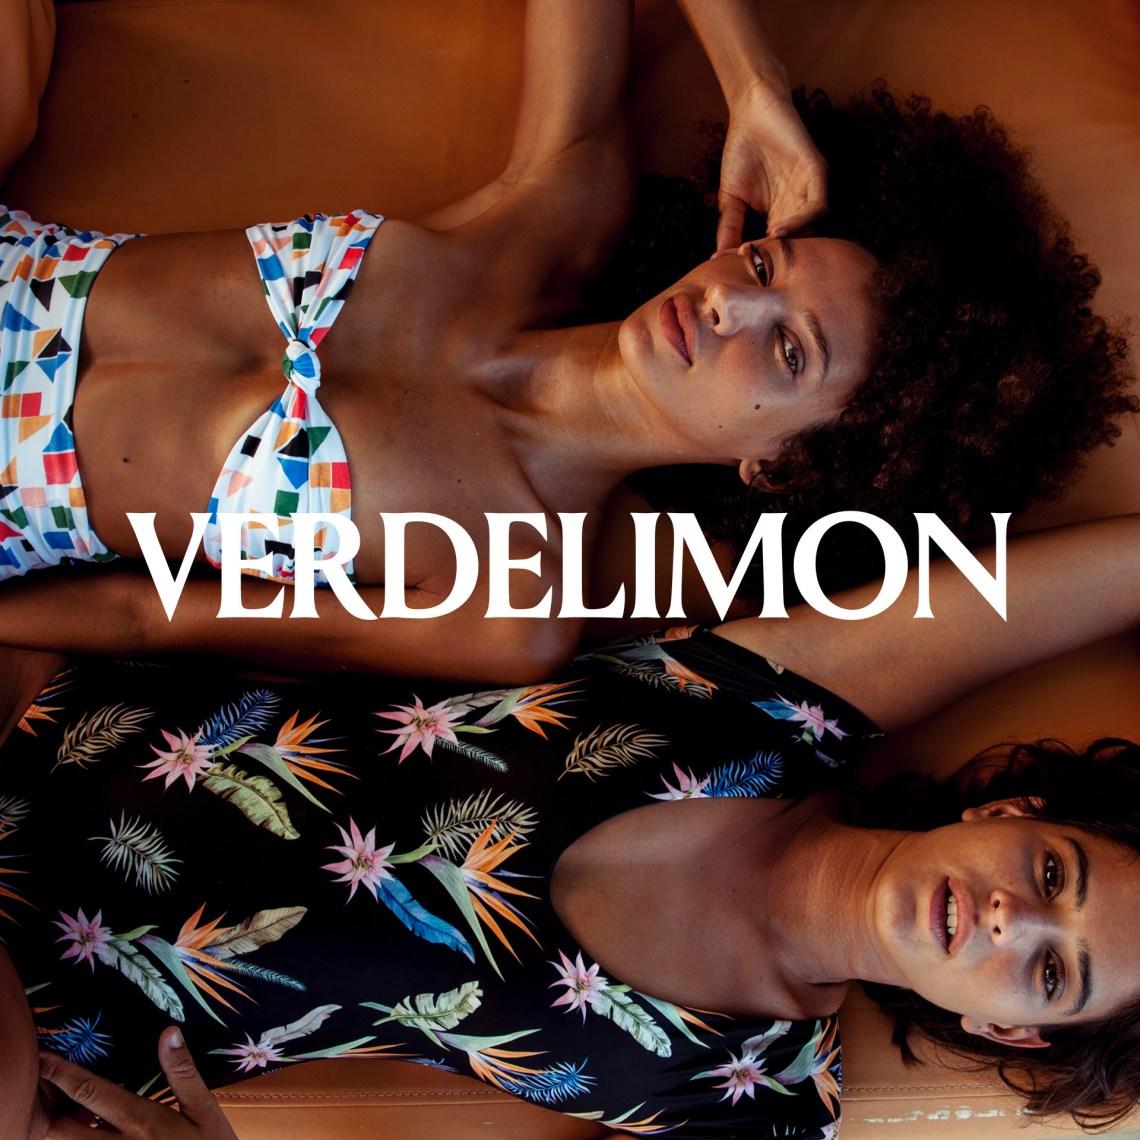 VERDELIMON